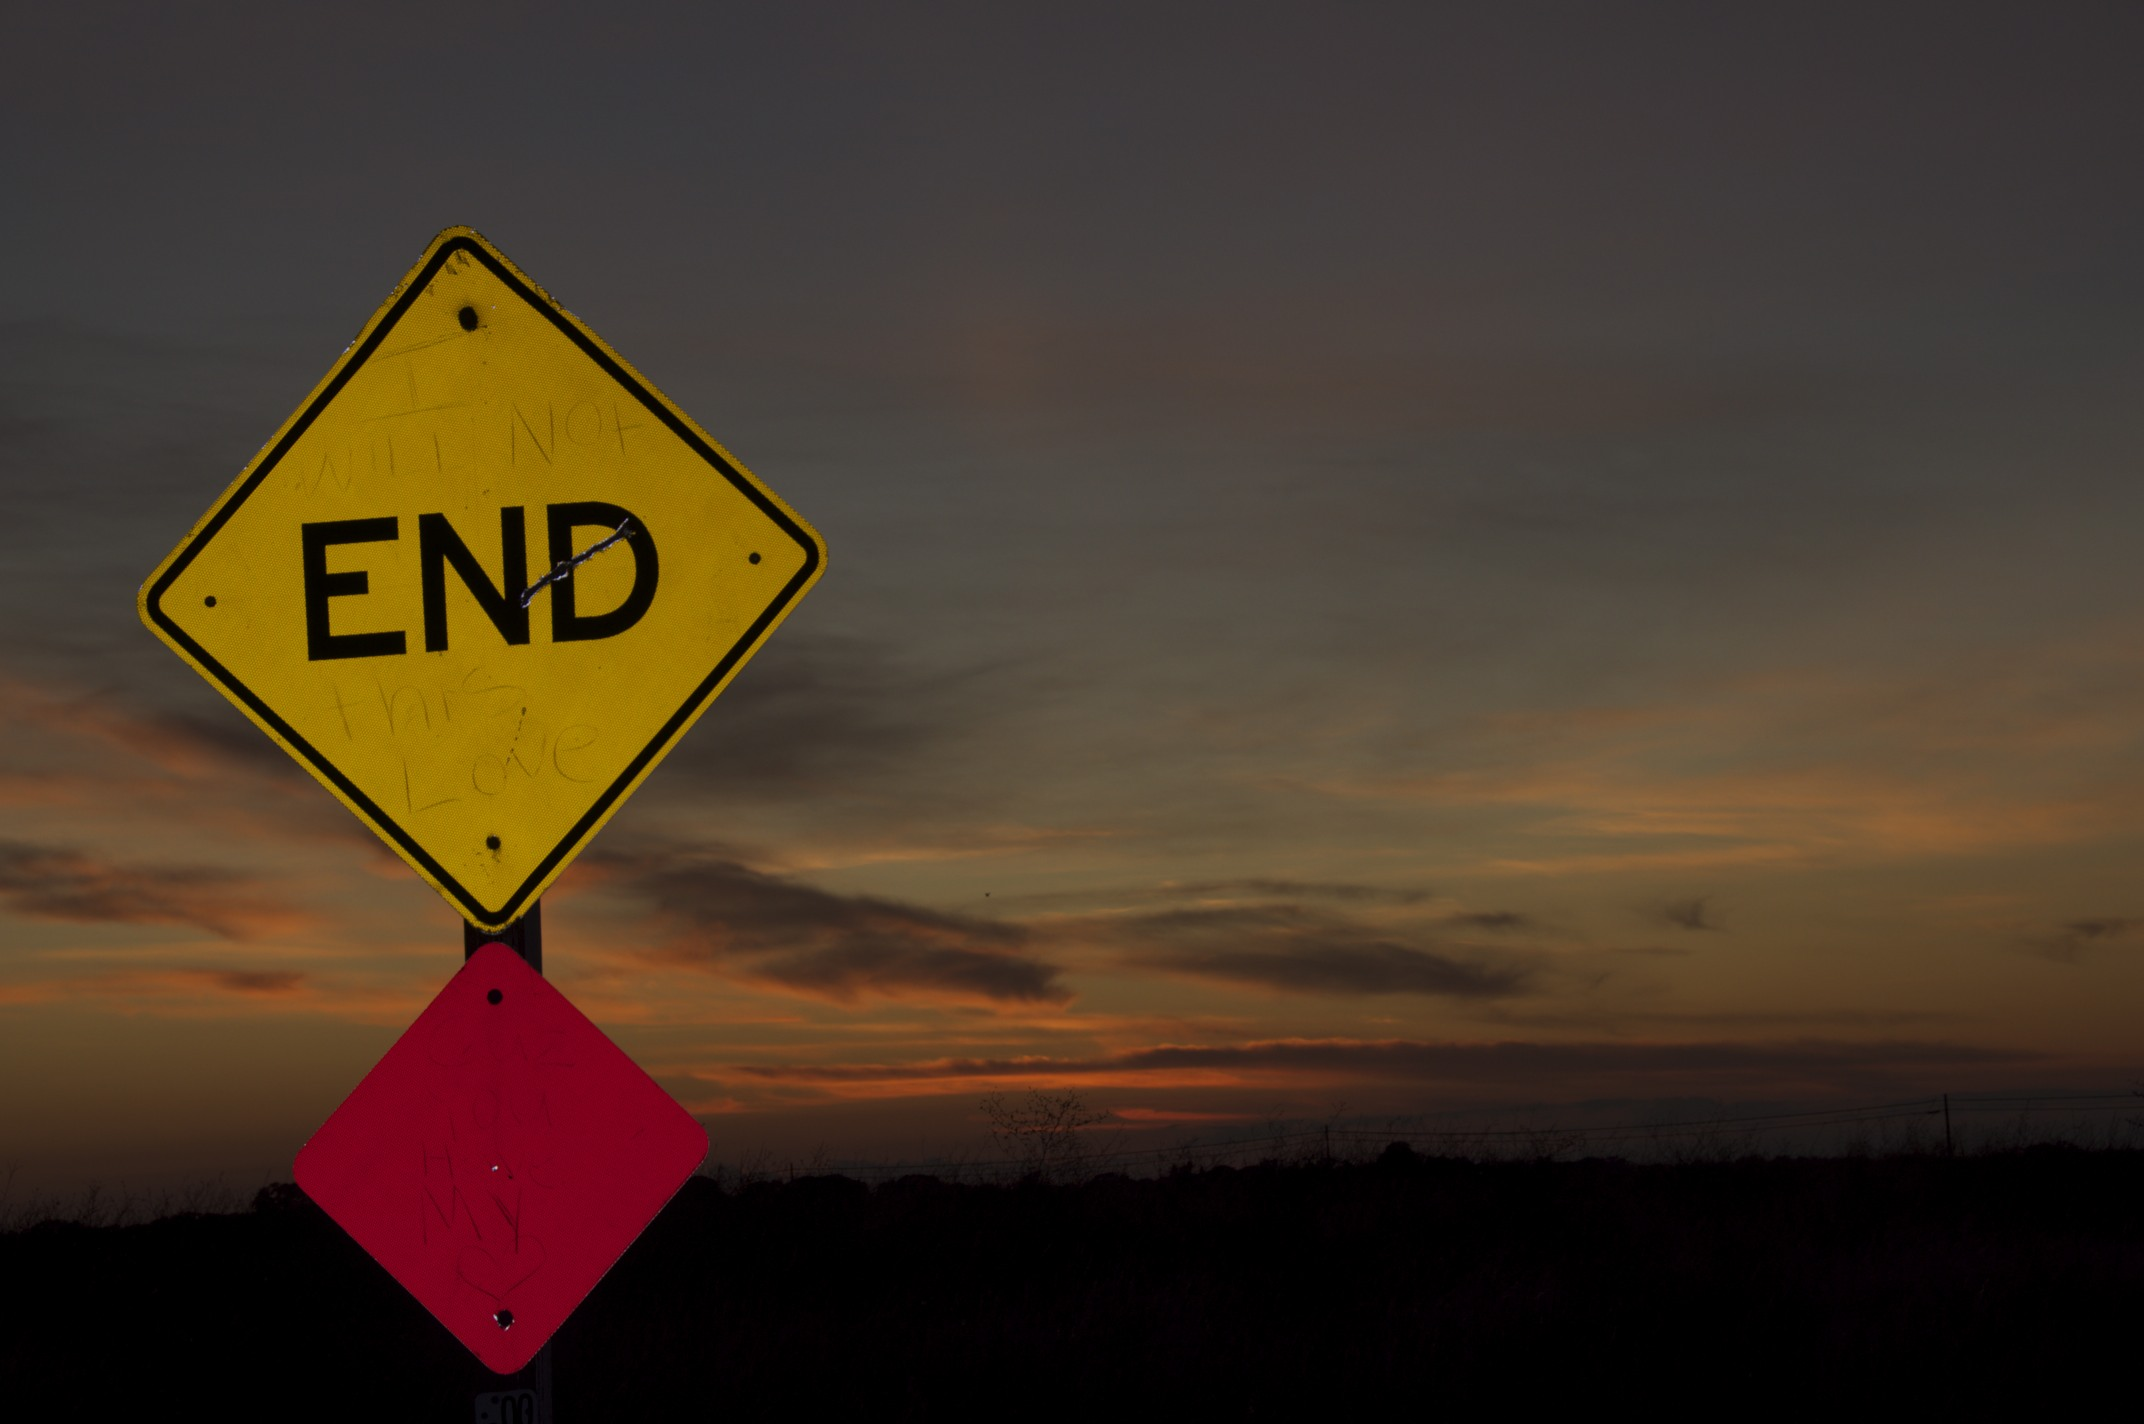 سه پیشنهاد برای پایان روز